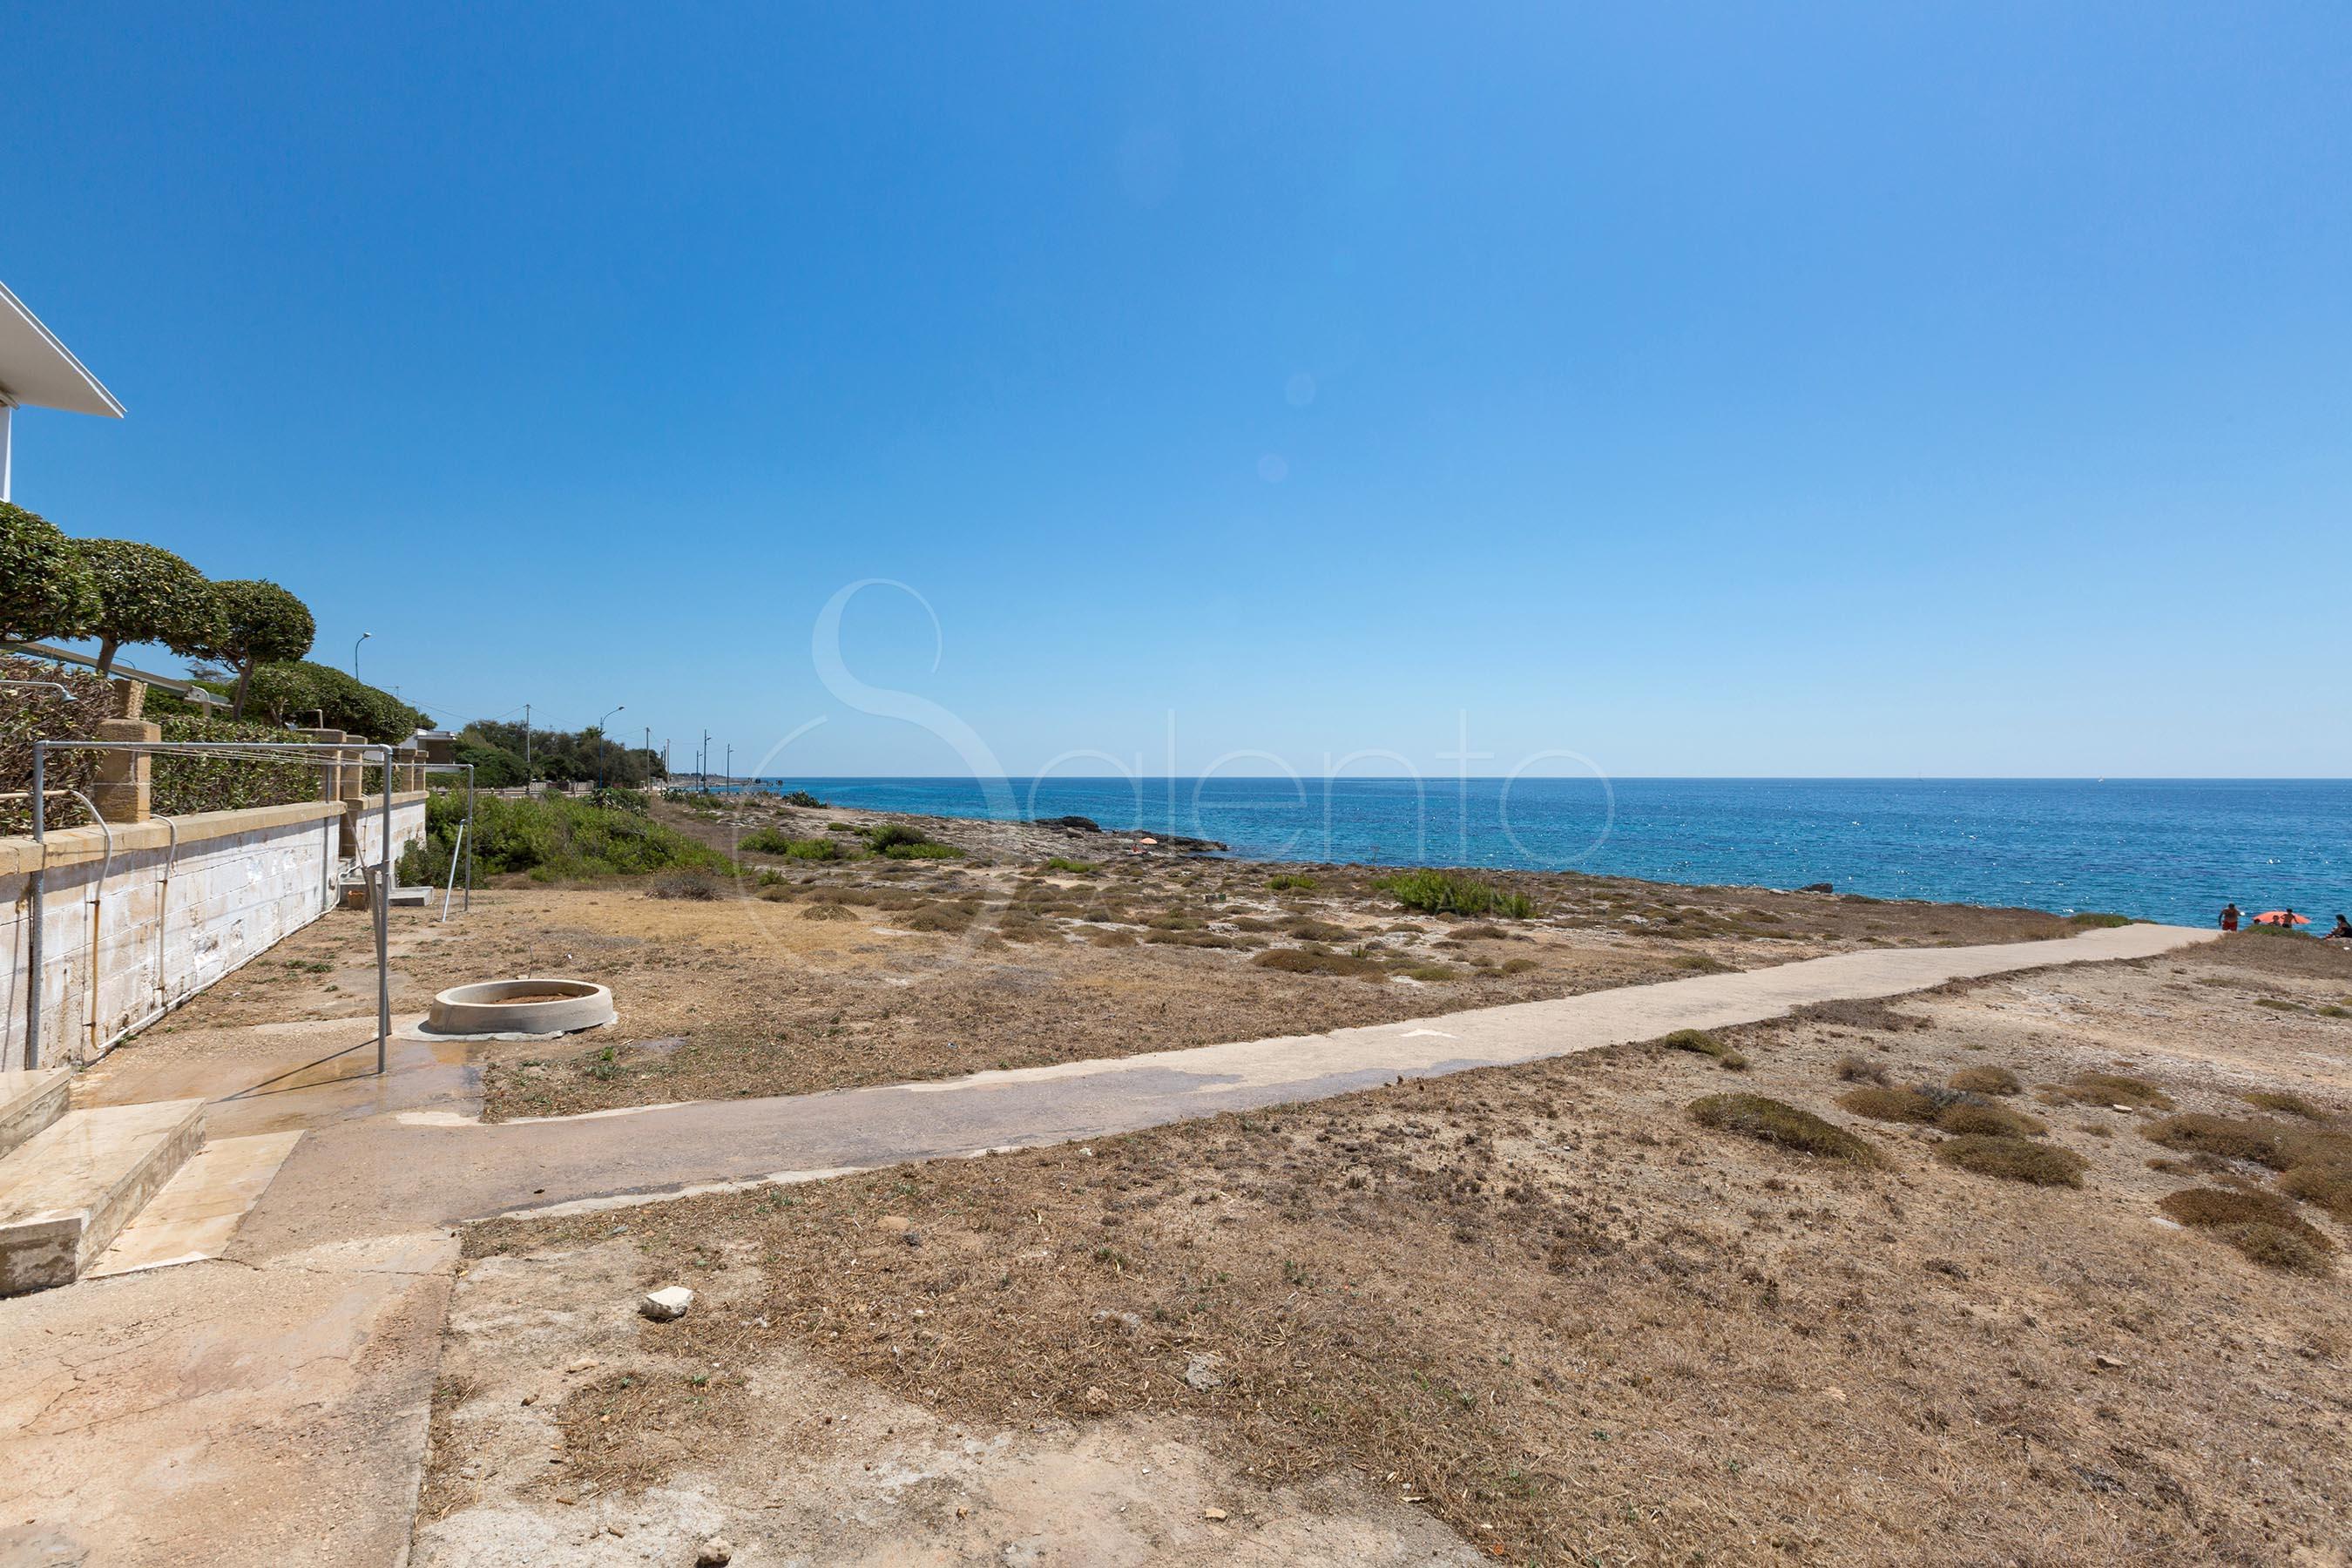 Appartamento vacanze direttamente sul mare in affitto a - La finestra sul mare gallipoli ...